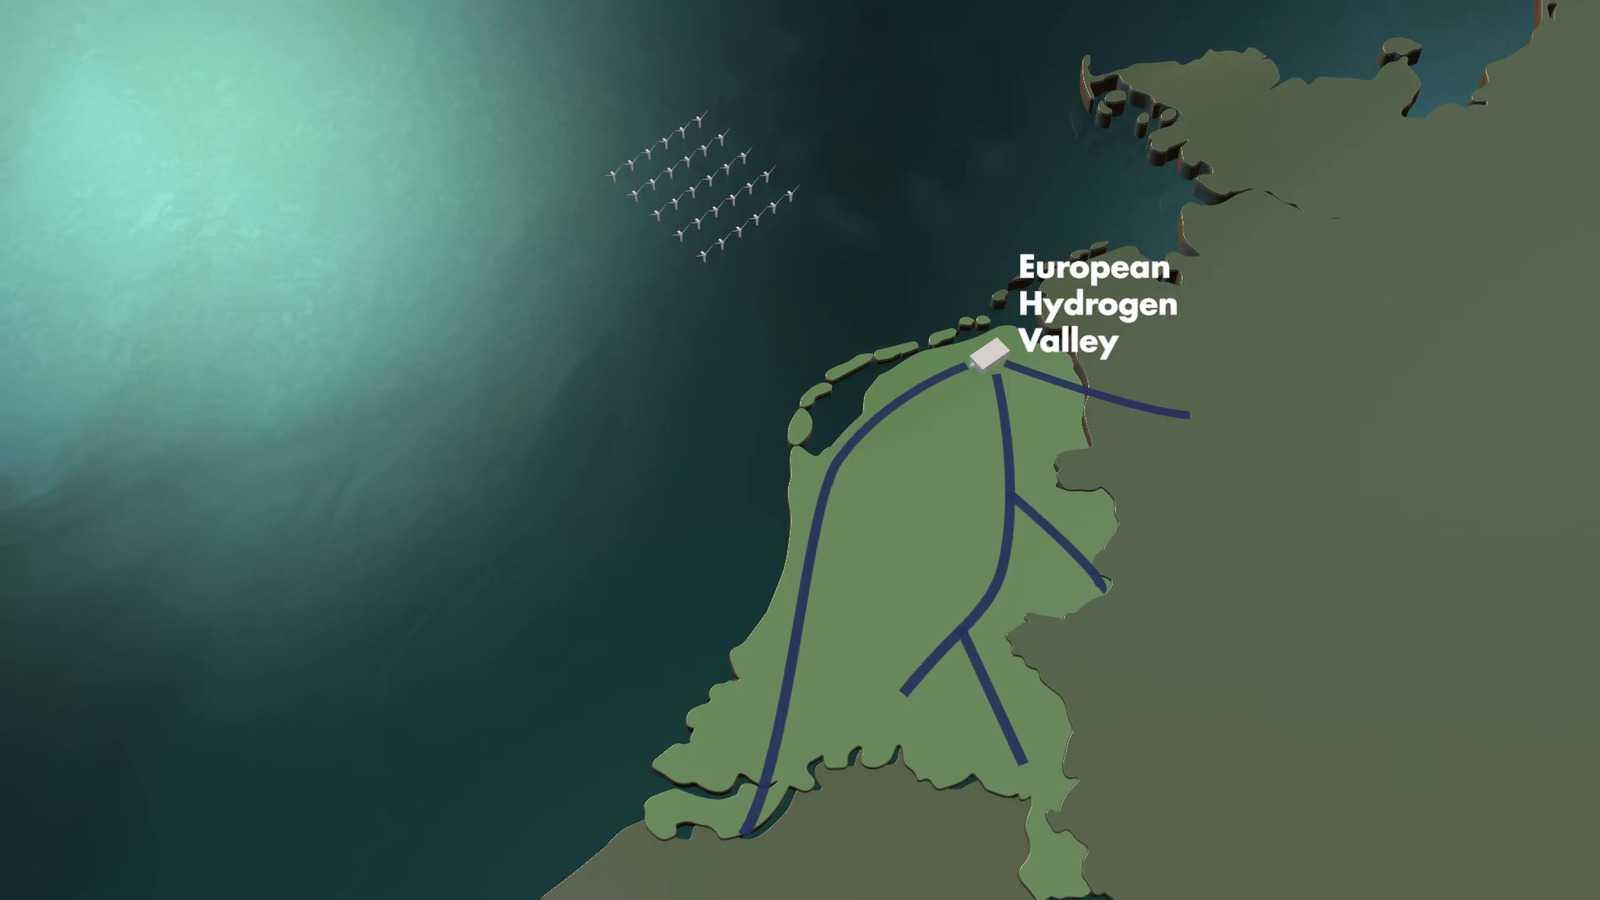 «Европейская водородная долина» на базе NortH₂. Кадр из видео проекта.